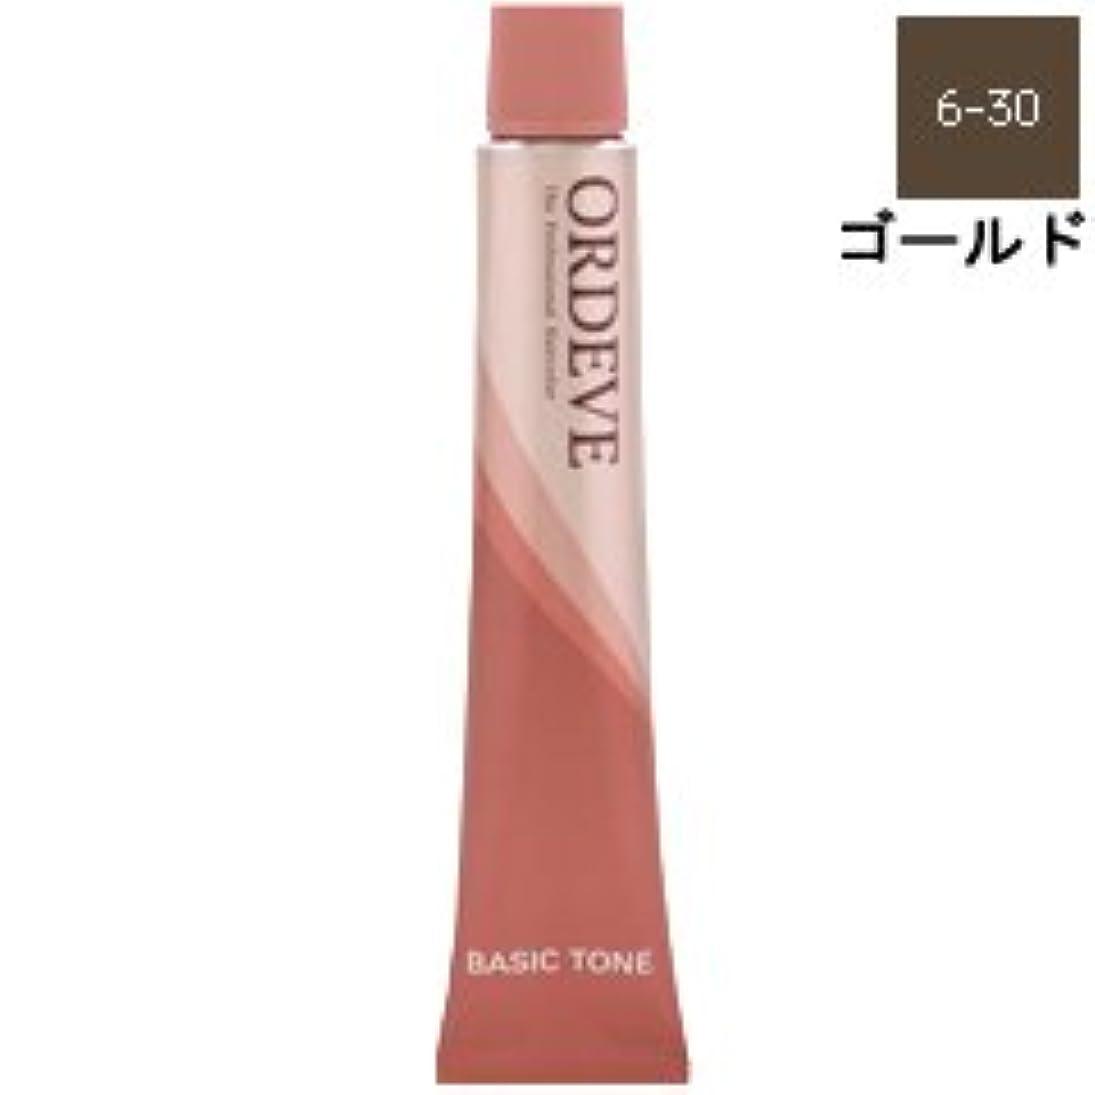 【ミルボン】オルディーブ ベーシックトーン #06-30 ゴールド 80g